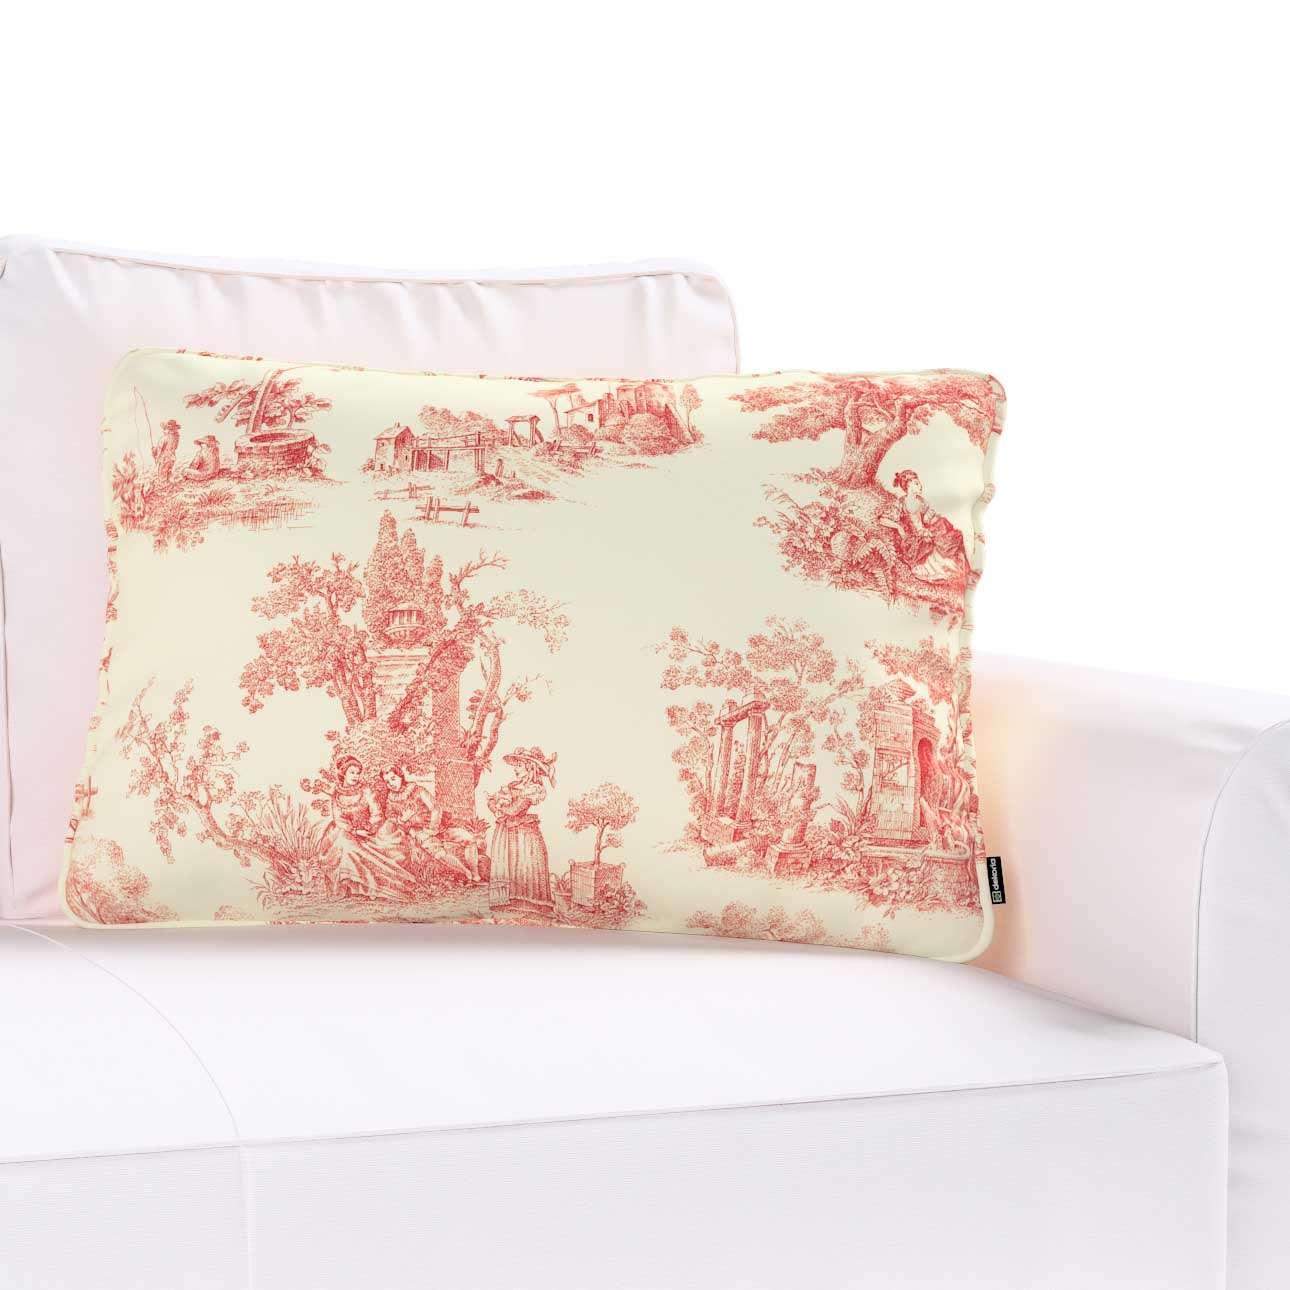 Poszewka Gabi na poduszkę prostokątna w kolekcji Avinon, tkanina: 132-15